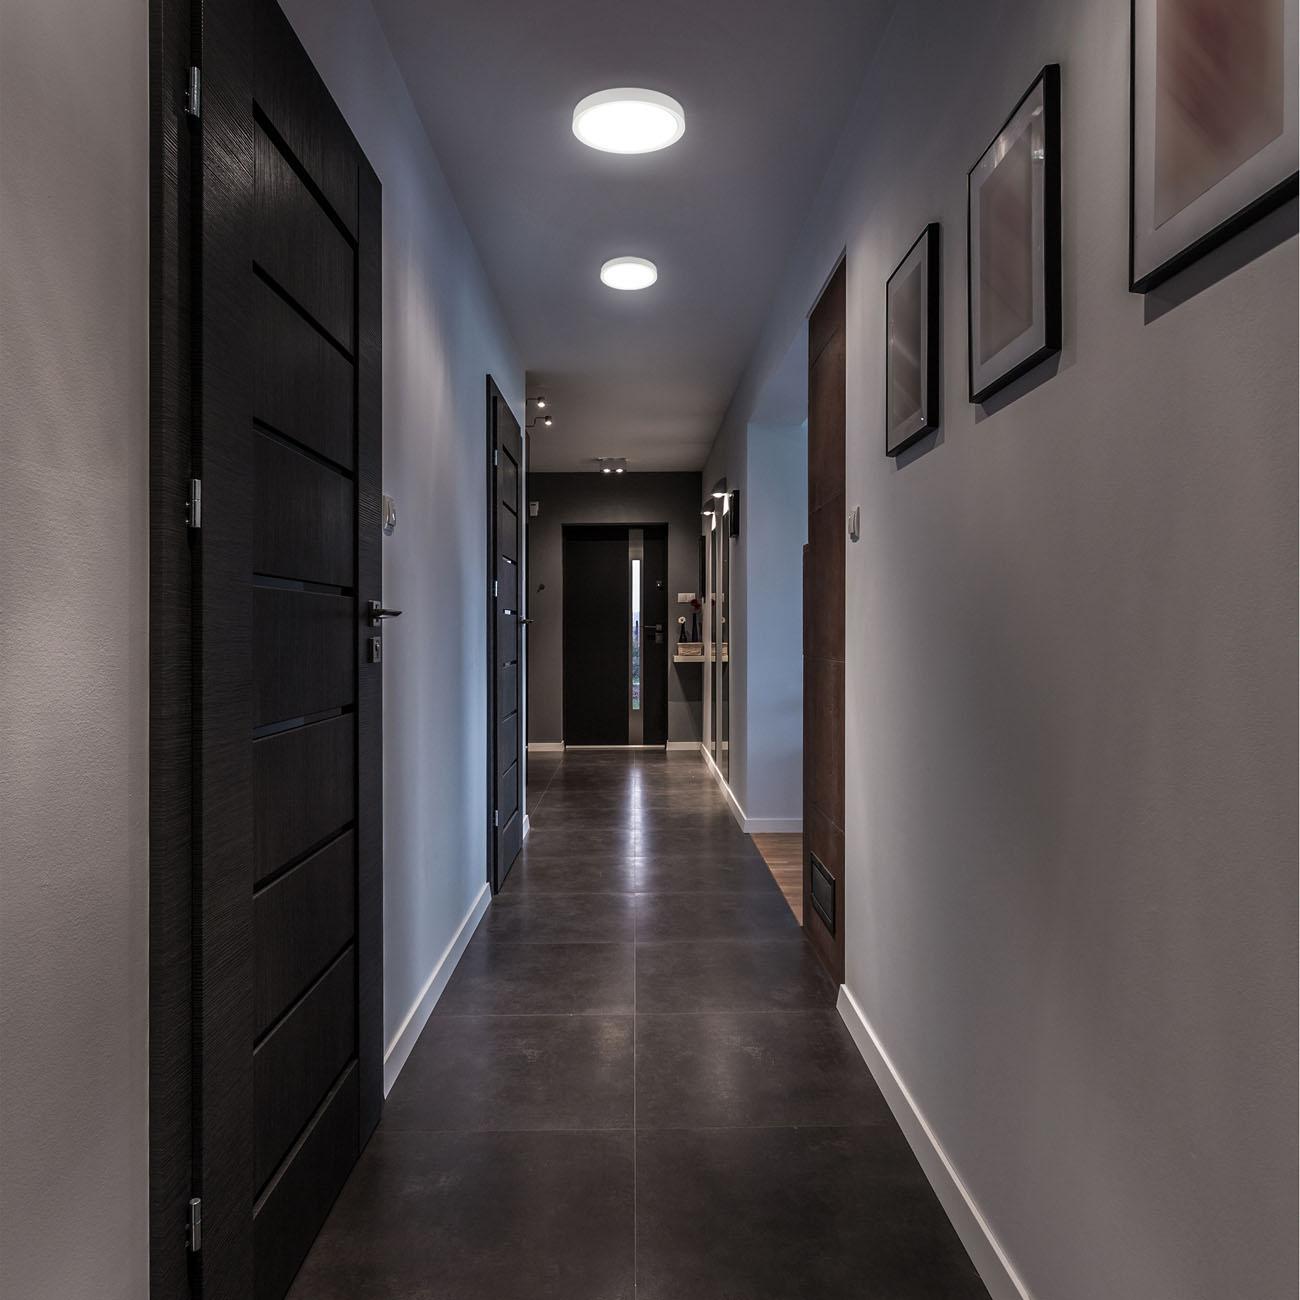 LED Deckenleuchte mit Sternendekor Ø 25 cm weiß-matt - 7